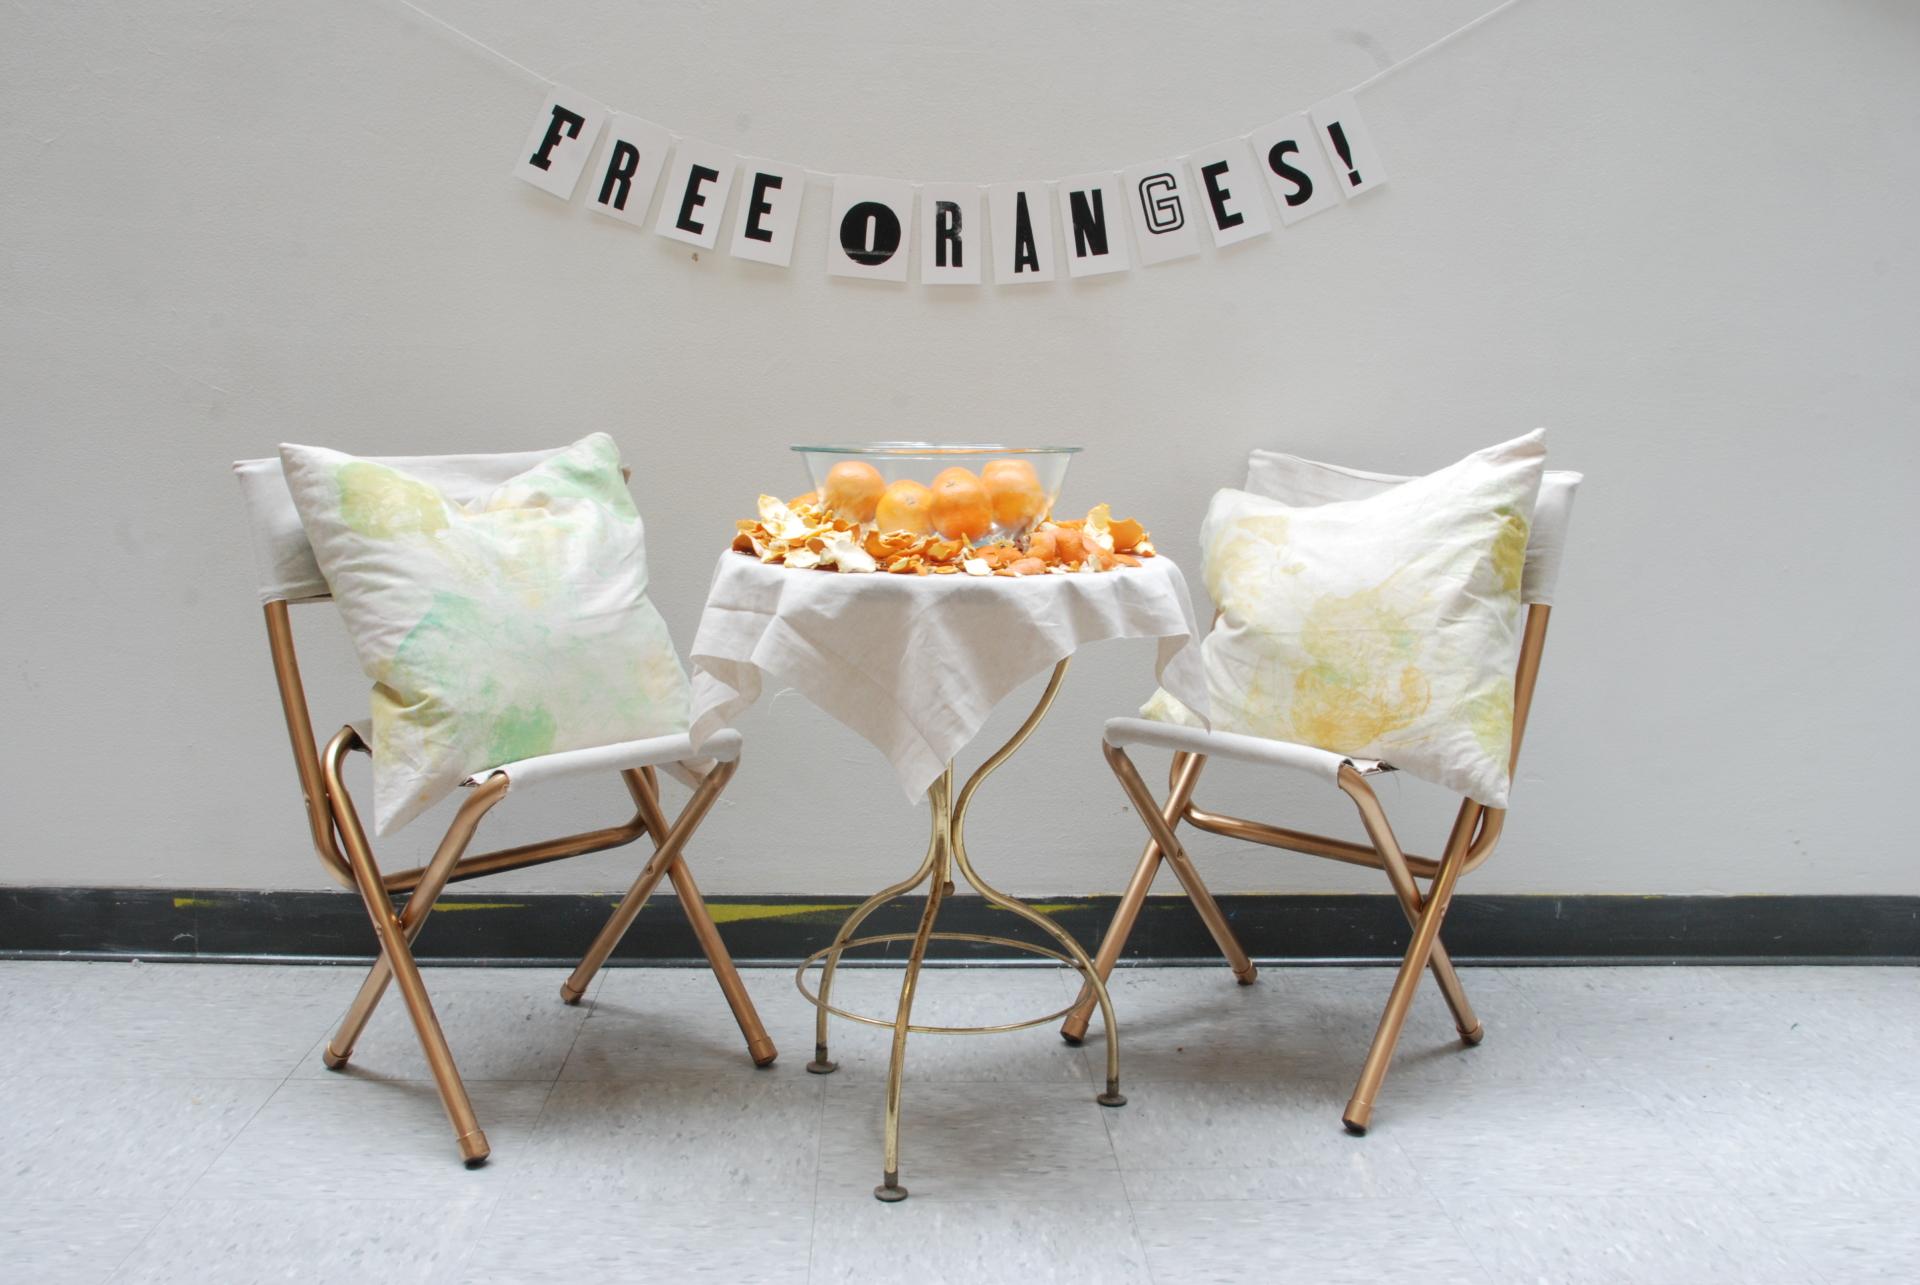 FREE ORANGES! installation shot